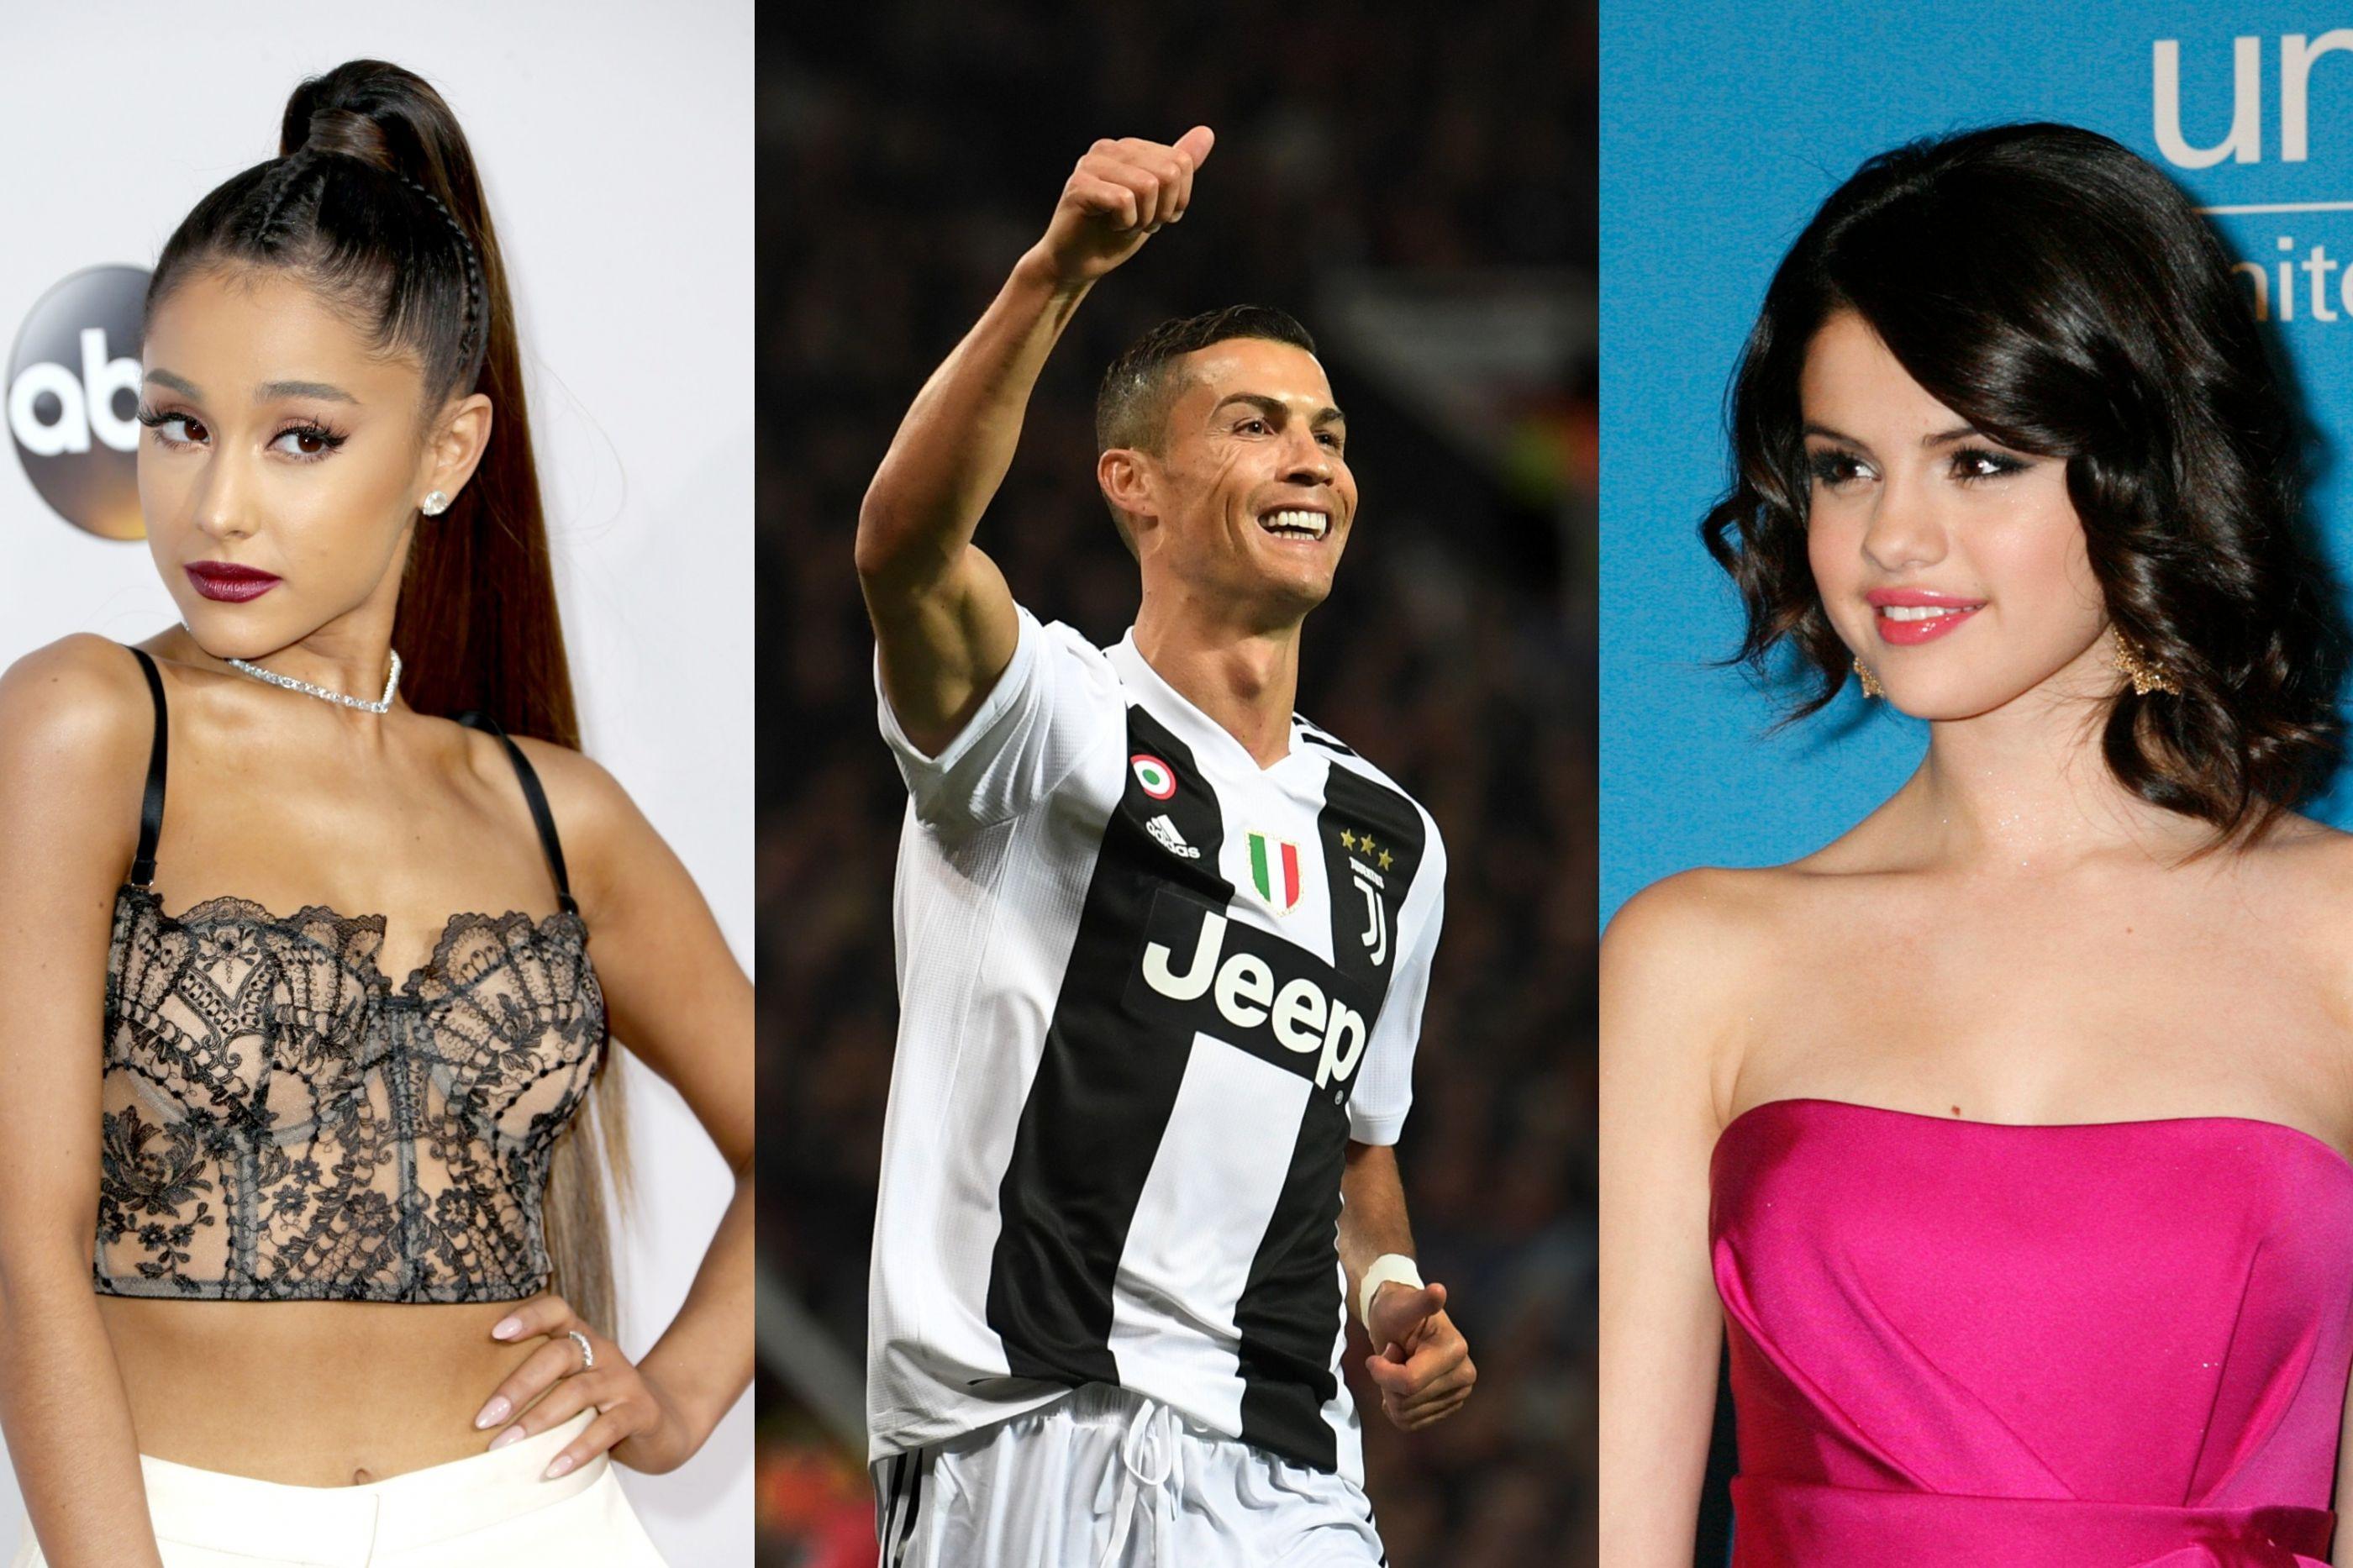 Com brasileiros na lista, veja os 50 perfis mais seguidos no Instagram